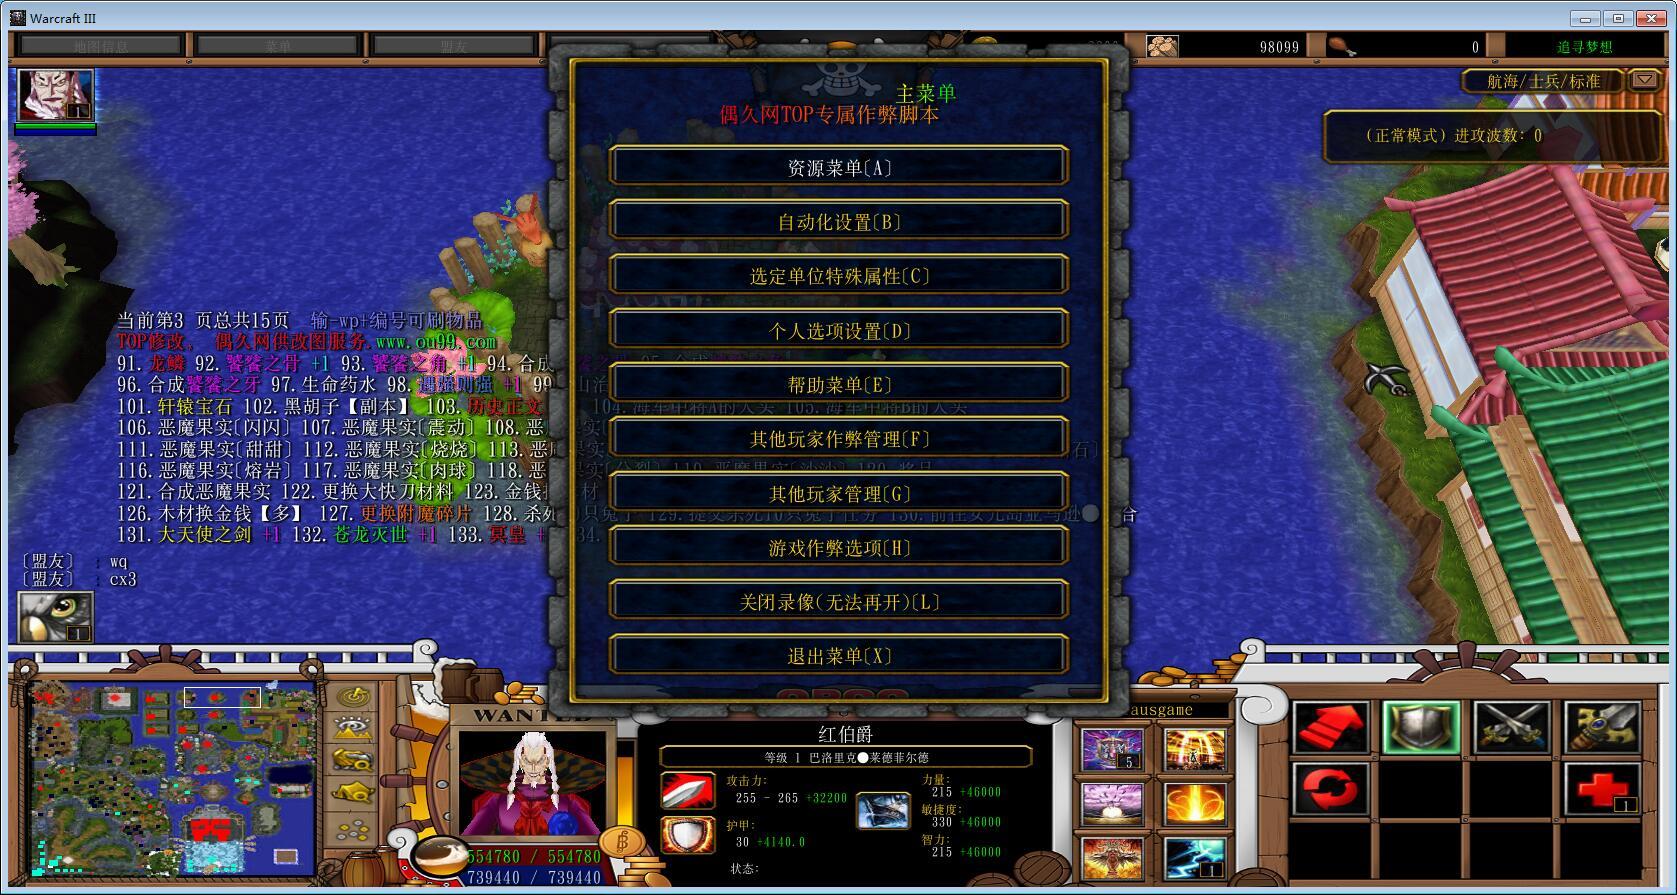 王者航海3.4.2破解版 解锁全英雄+全商城特权+古代兵器礼包+解除武器限制+刷物品无CD